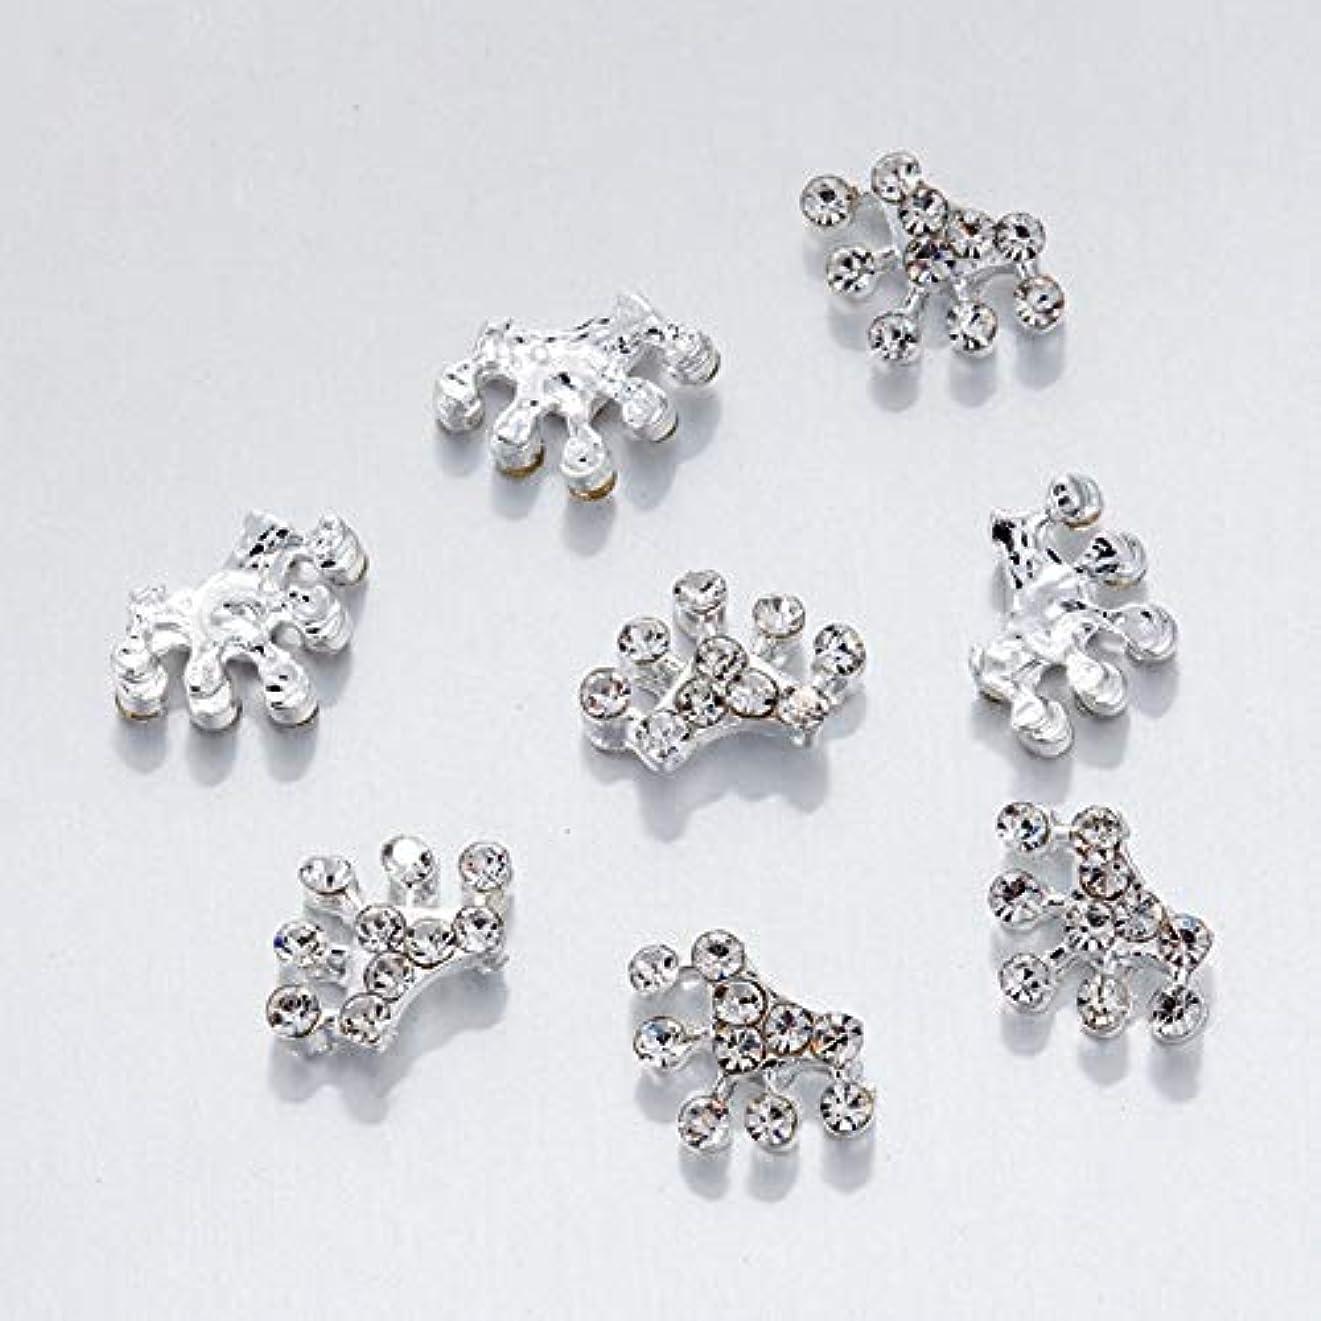 臨検和破裂10 PCS /袋ネイルアートの装飾3Dラインストーンクラウン五角形グラマーラインストーン美少女ネイル用品